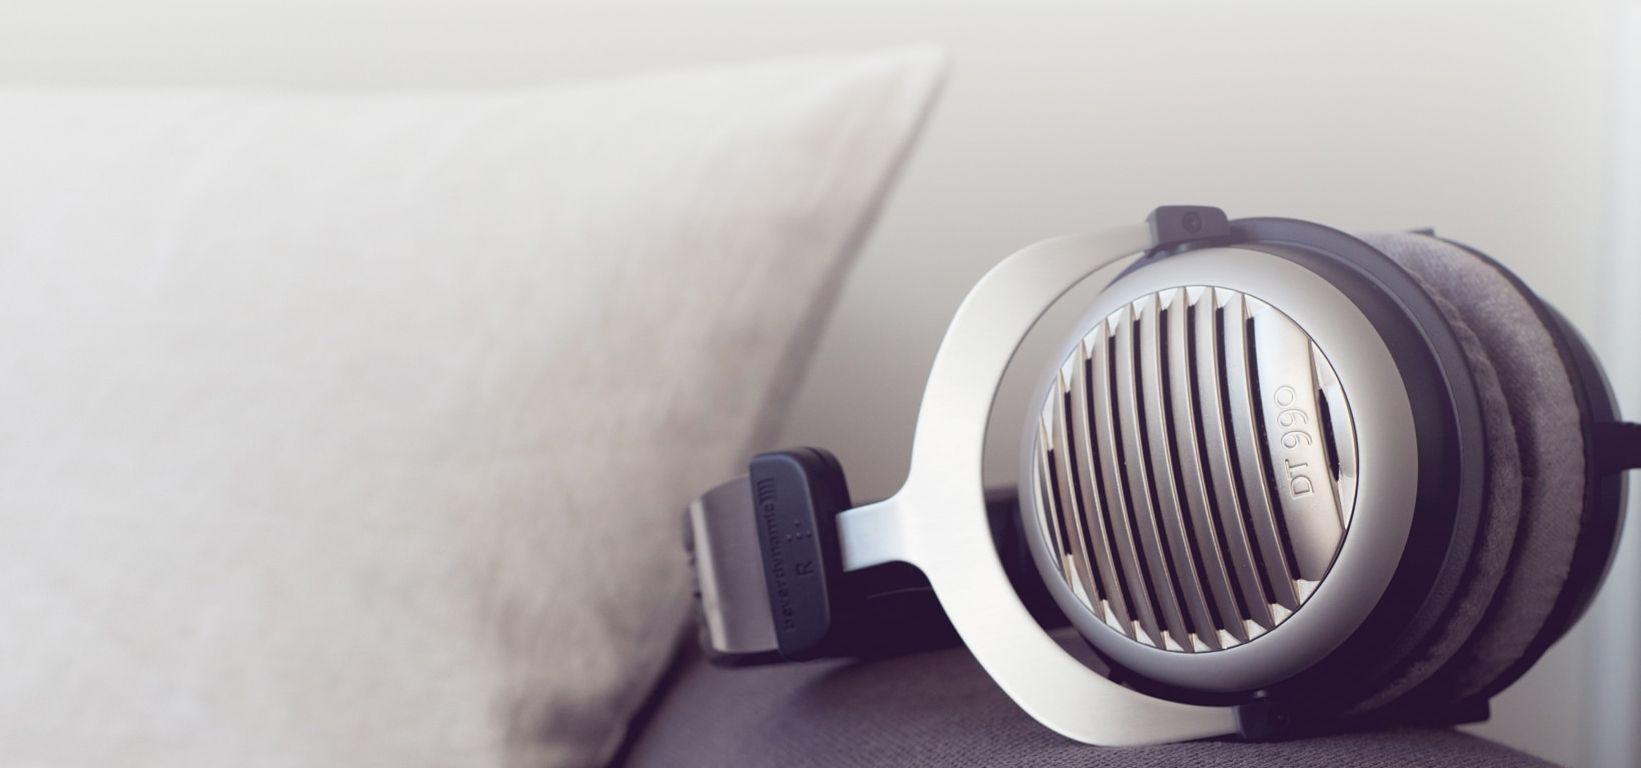 Слушалки beyerdynamic - DT 990 Edition, hi-fi, 600 Ohms, сиви - 4